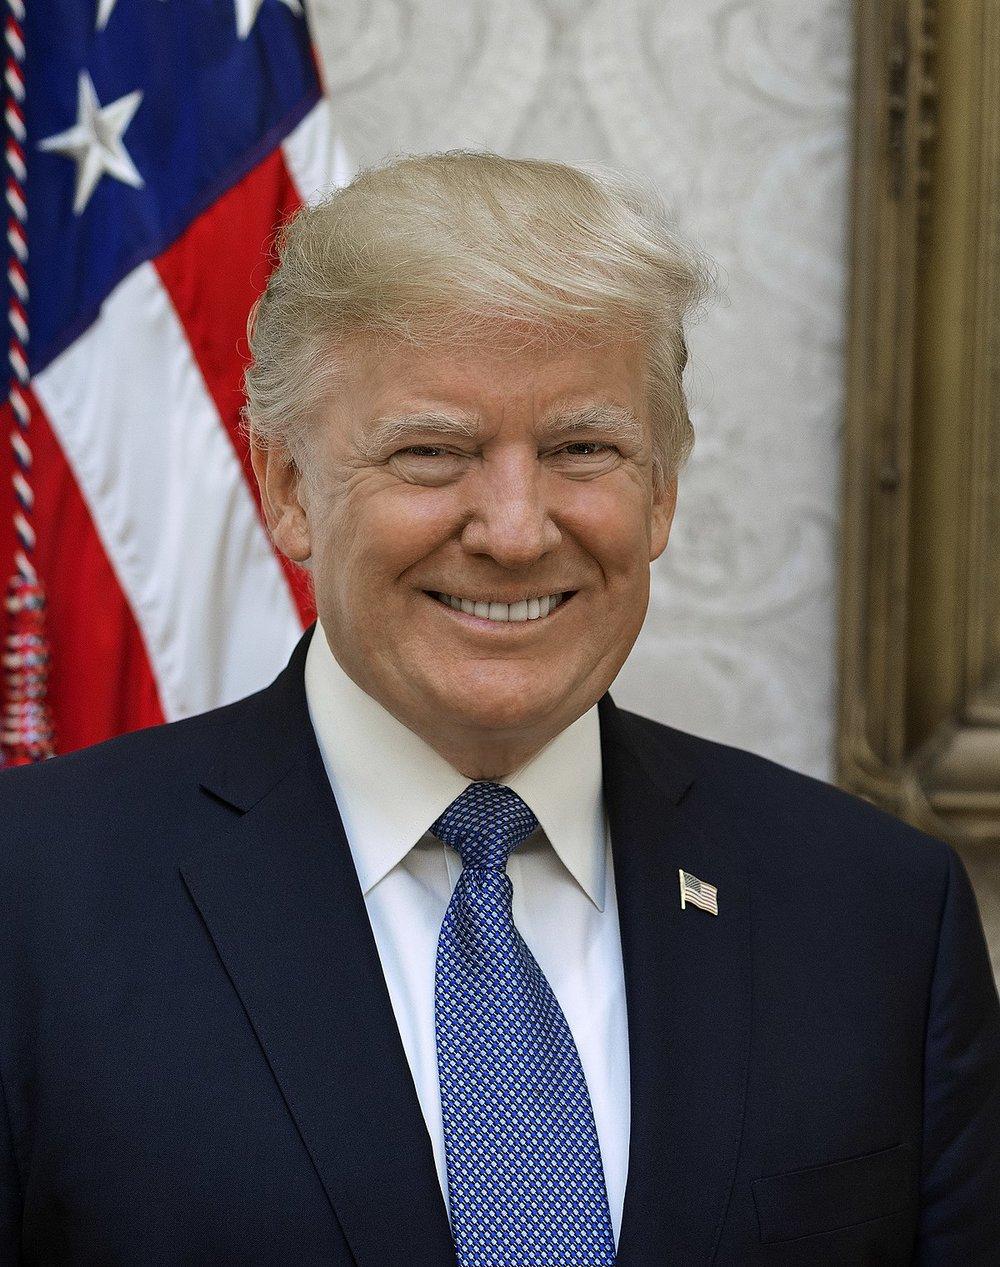 1200px-Donald_Trump_official_portrait.jpg